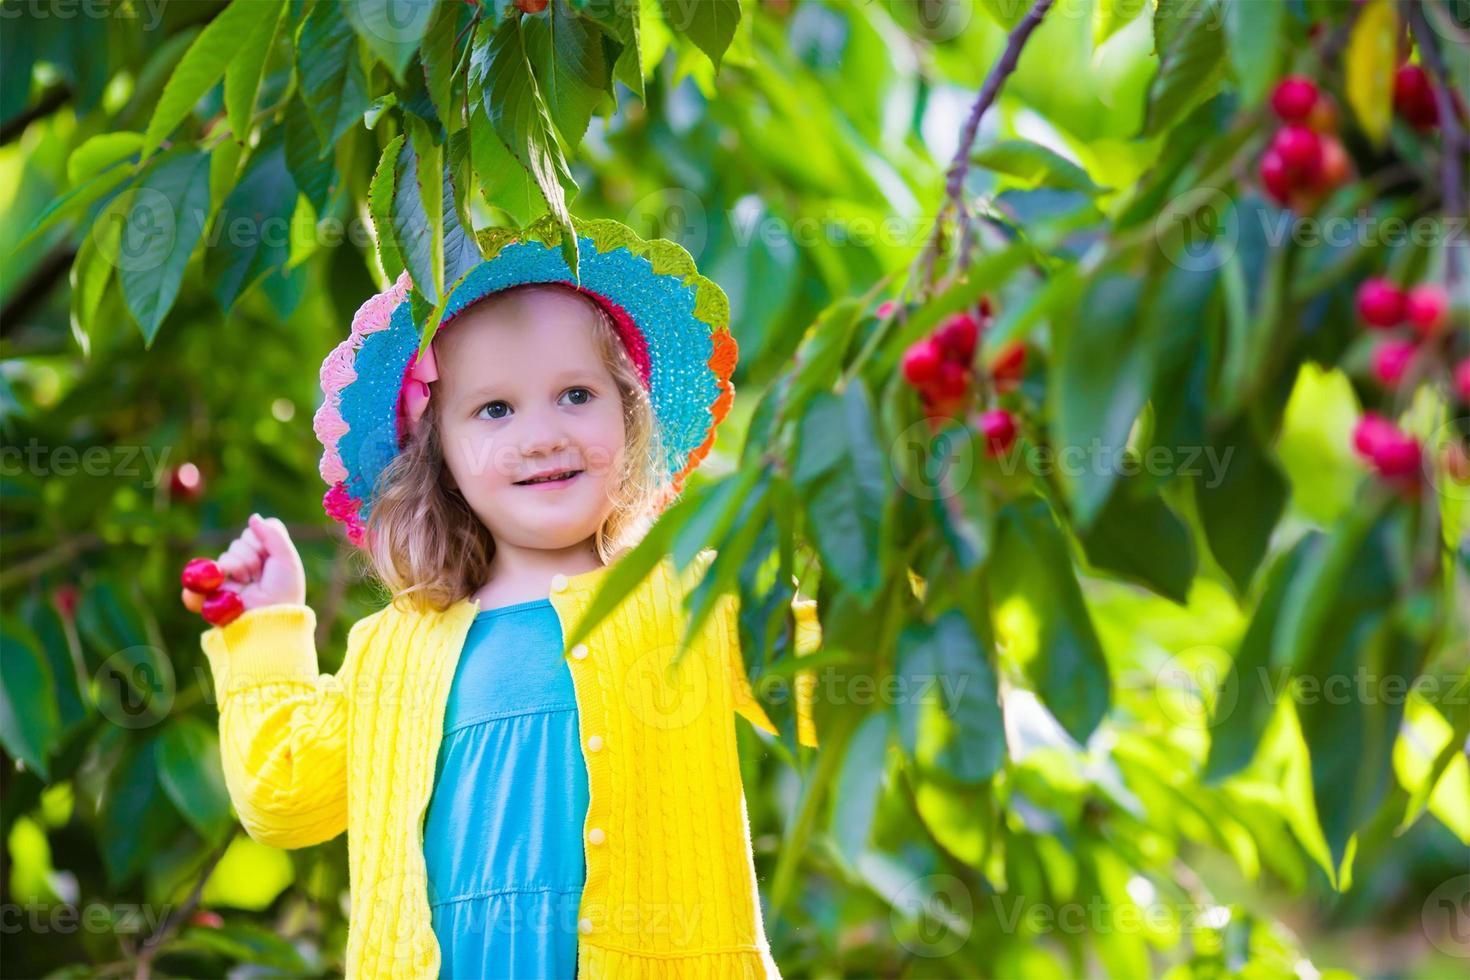 linda garotinha escolhendo cereja fresca em uma fazenda foto